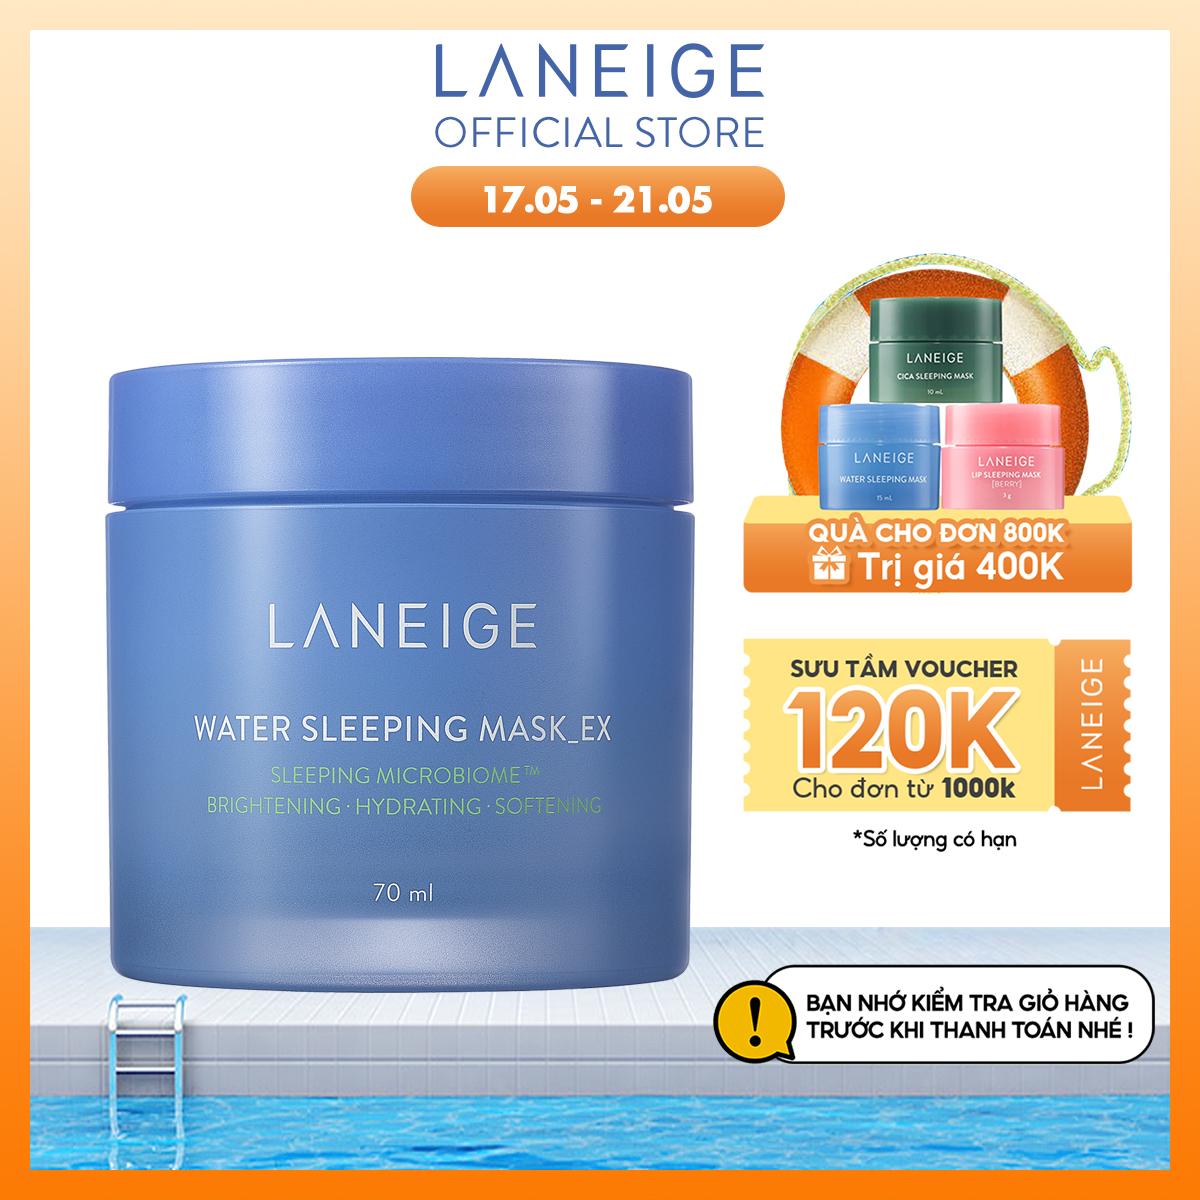 Mặt nạ ngủ dưỡng ẩm và tăng khả năng tự-vệ của da phiên bản cải tiến LANEIGE Water Sleeping Mask 70ml